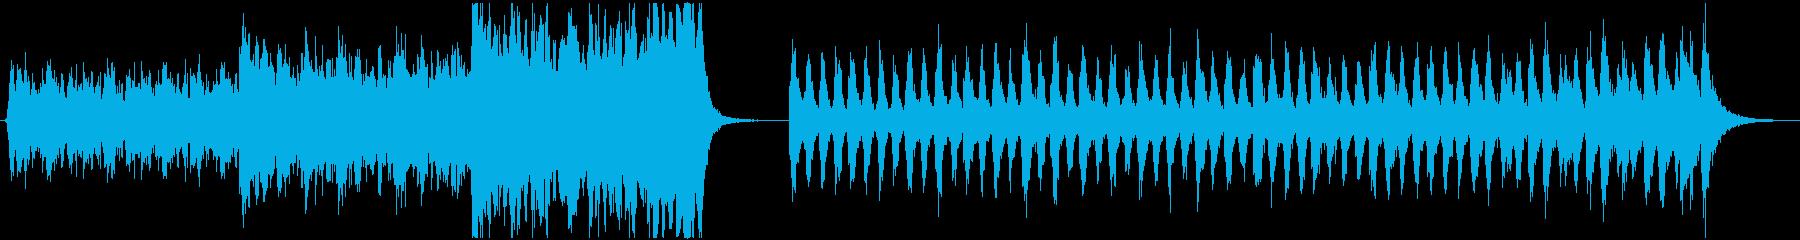 2つの緊張感・エピックオーケストラの再生済みの波形